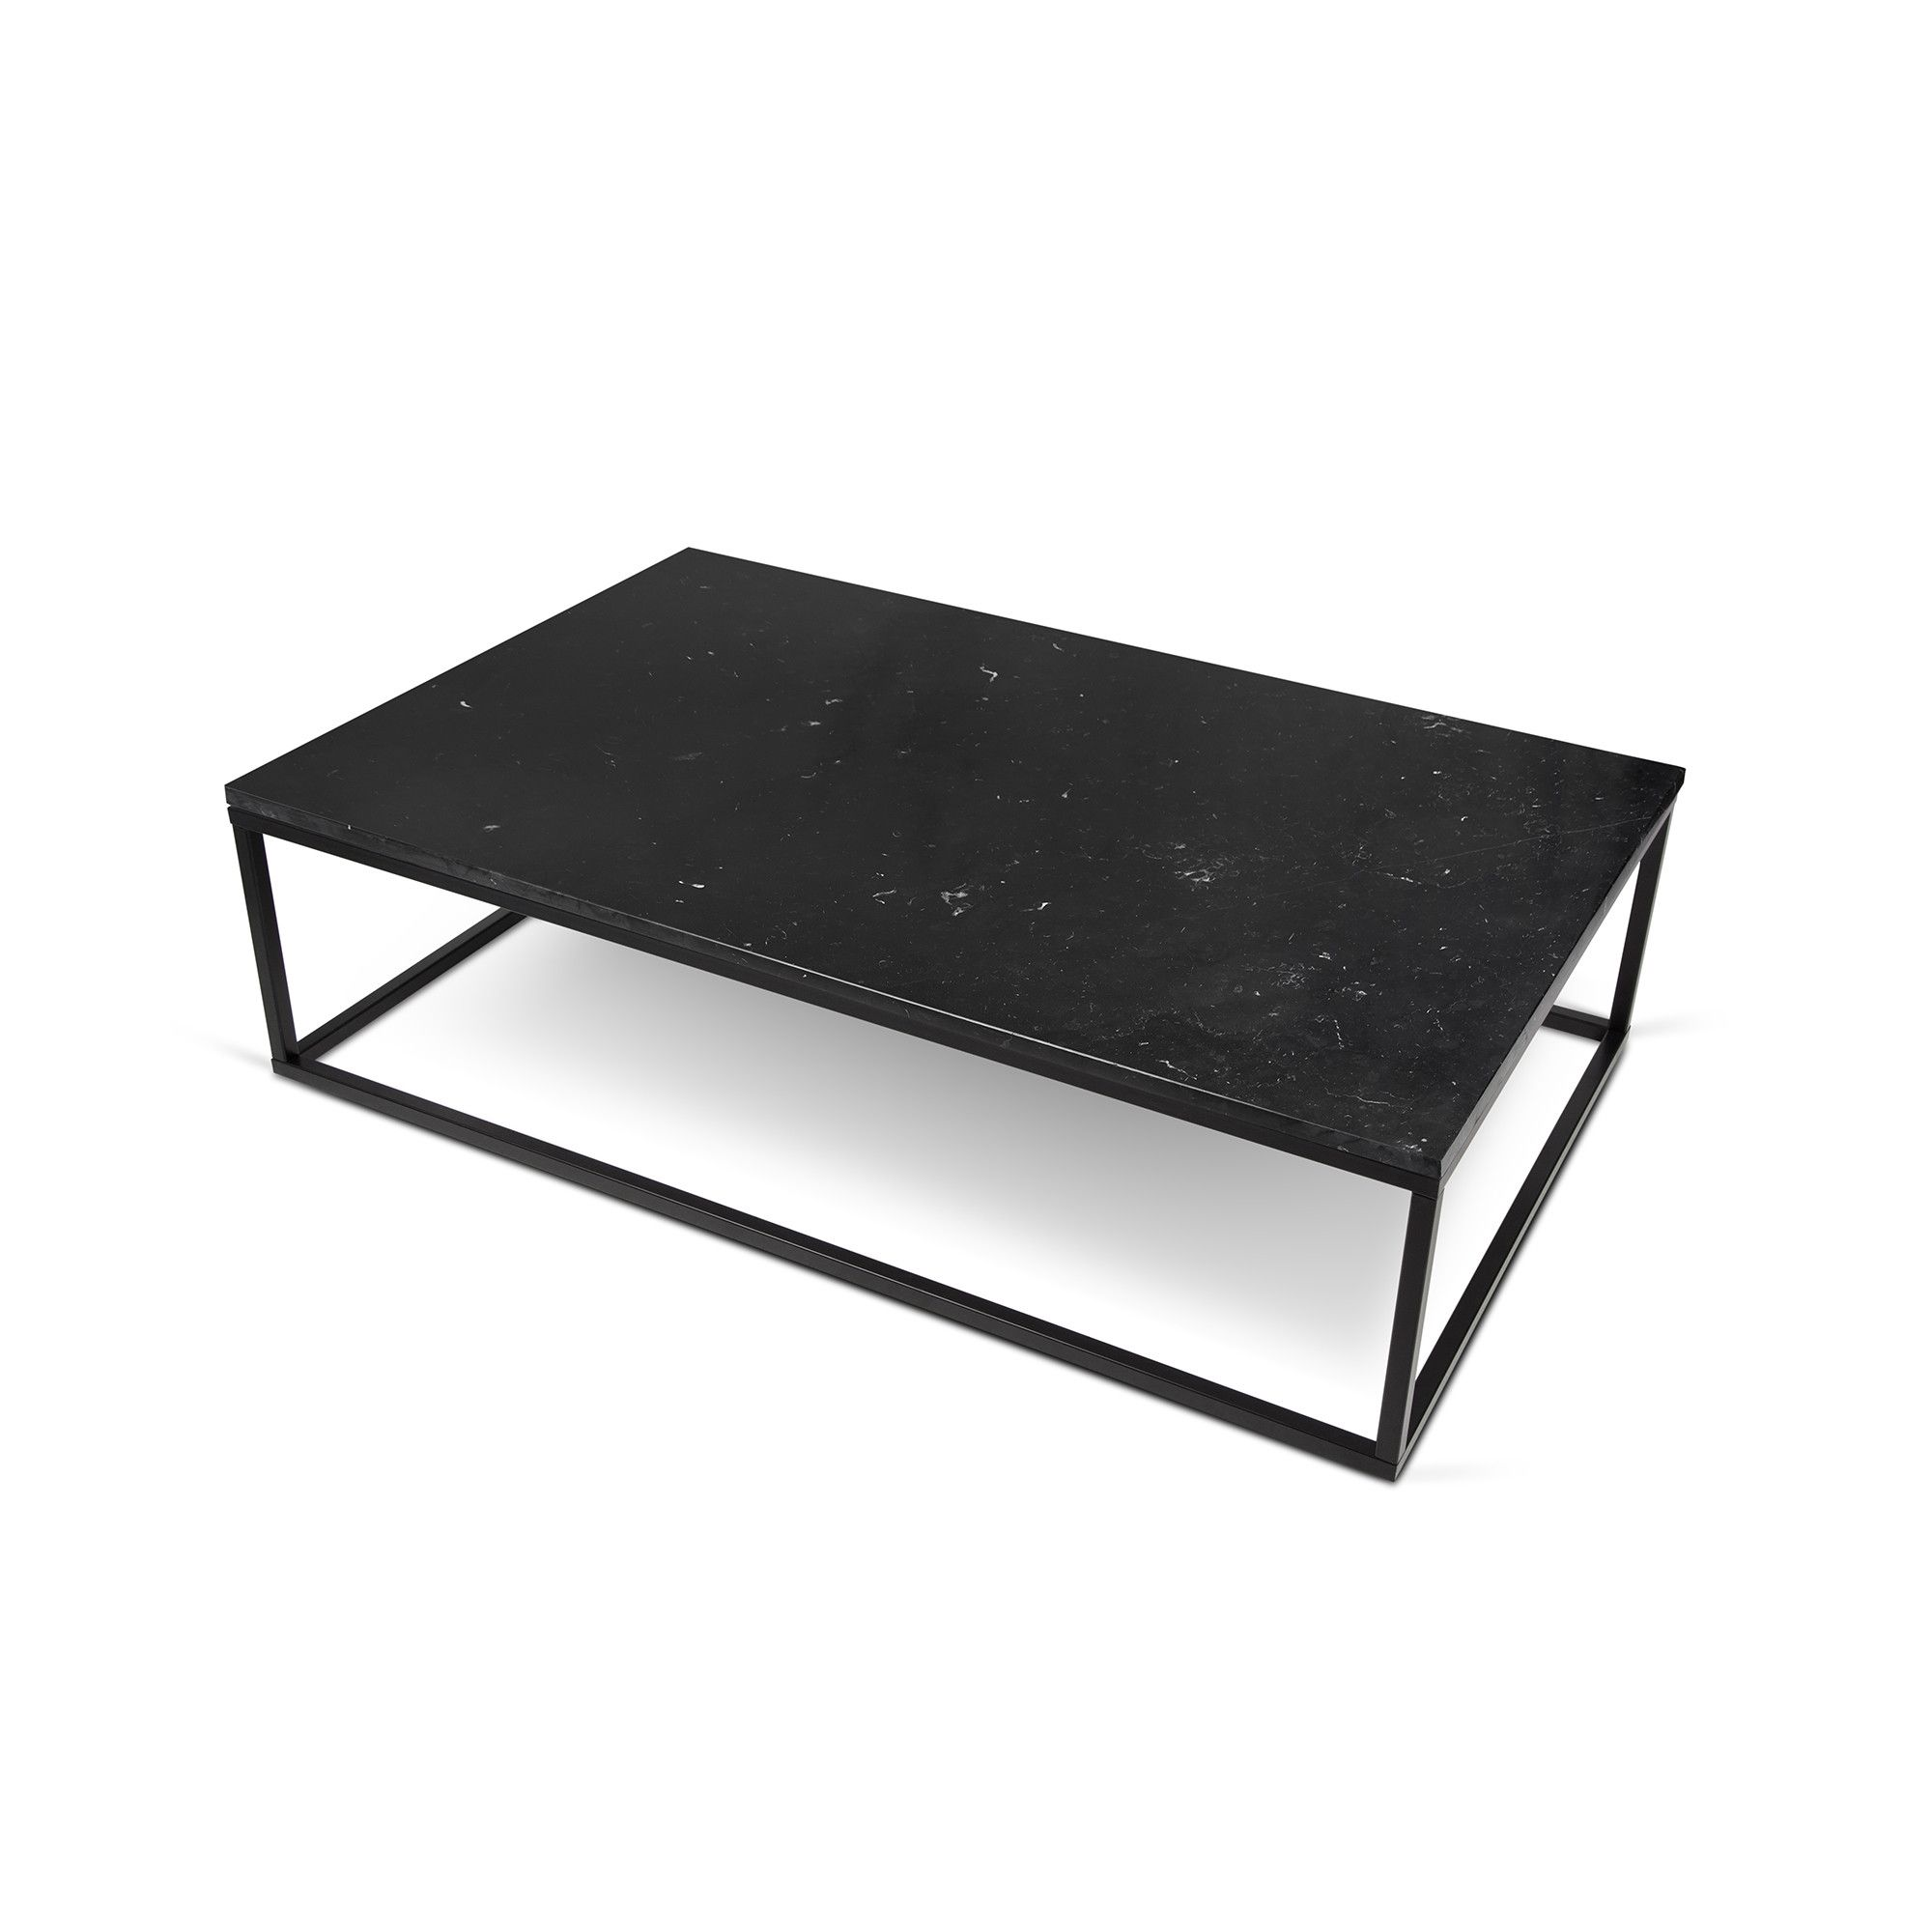 Tema Home Tema 9500 623097 Prairie 47x30 Marble Coffee Table